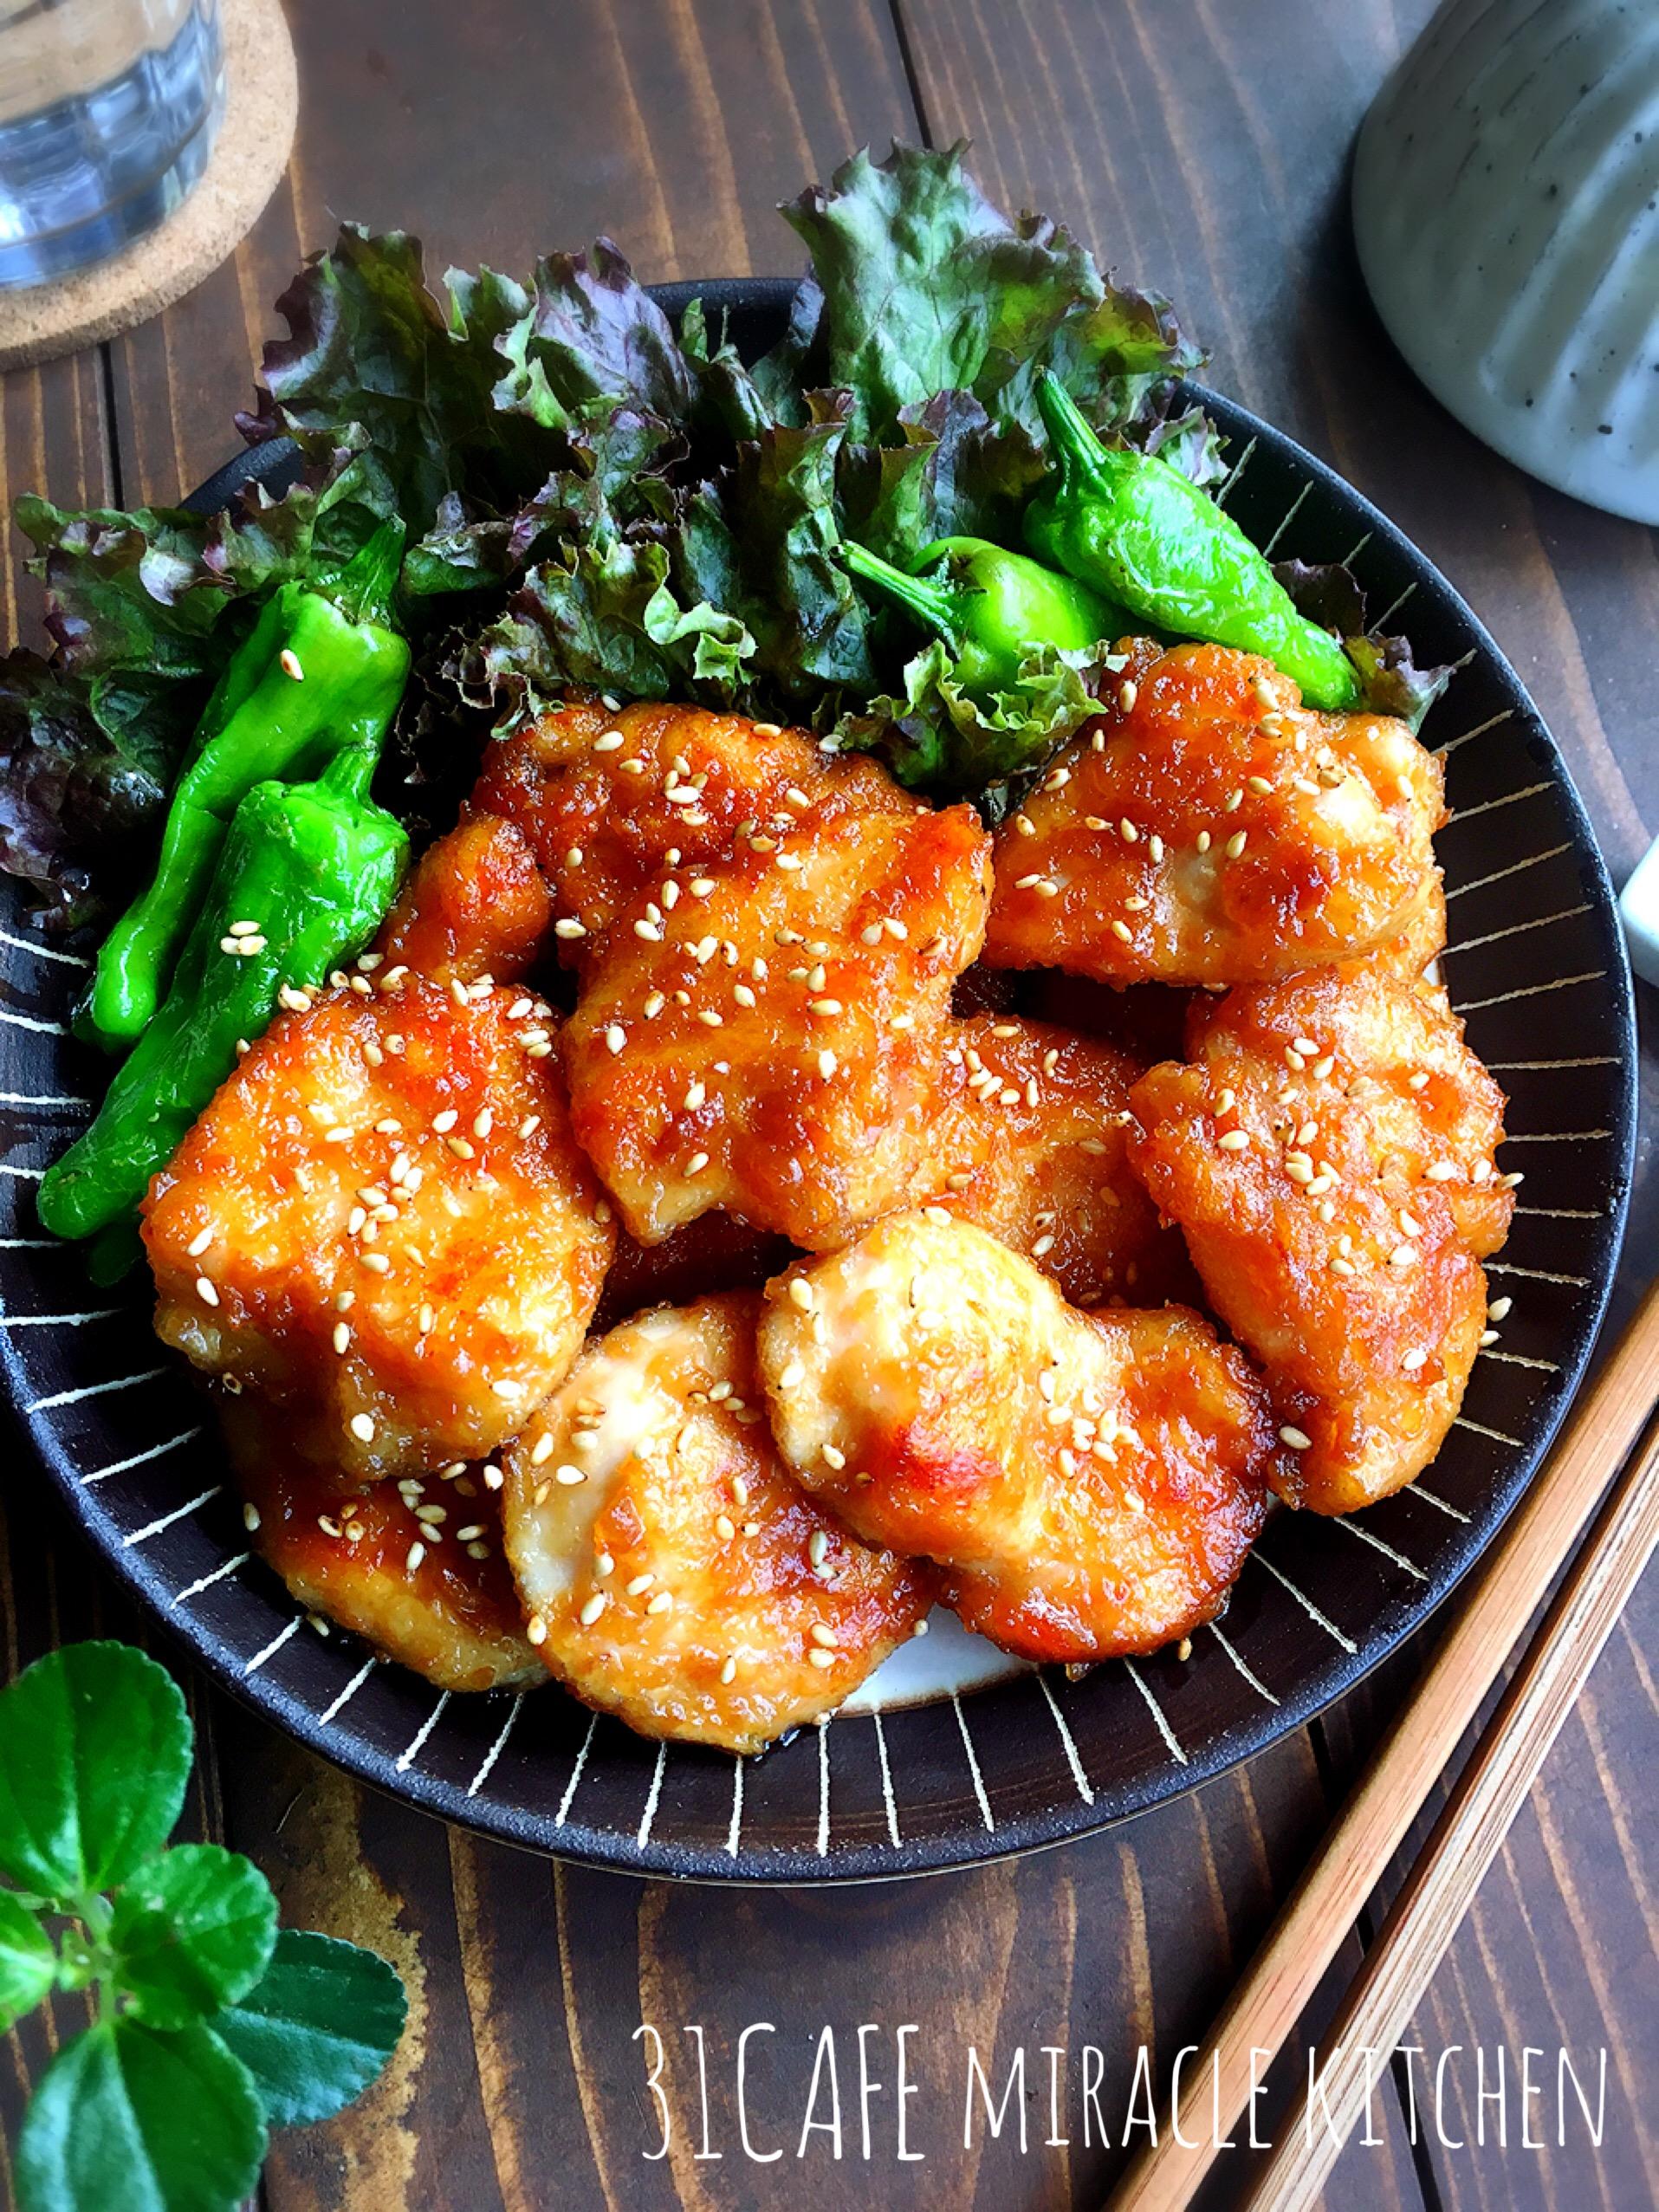 ♡超簡単モテレシピ♡鶏むね肉de味噌てりやき♡【簡単*時短*節約*フライパン】 , Mizukiの簡単レシピとキラキラテーブルスタイリング レシピブログ  , 料理ブログの